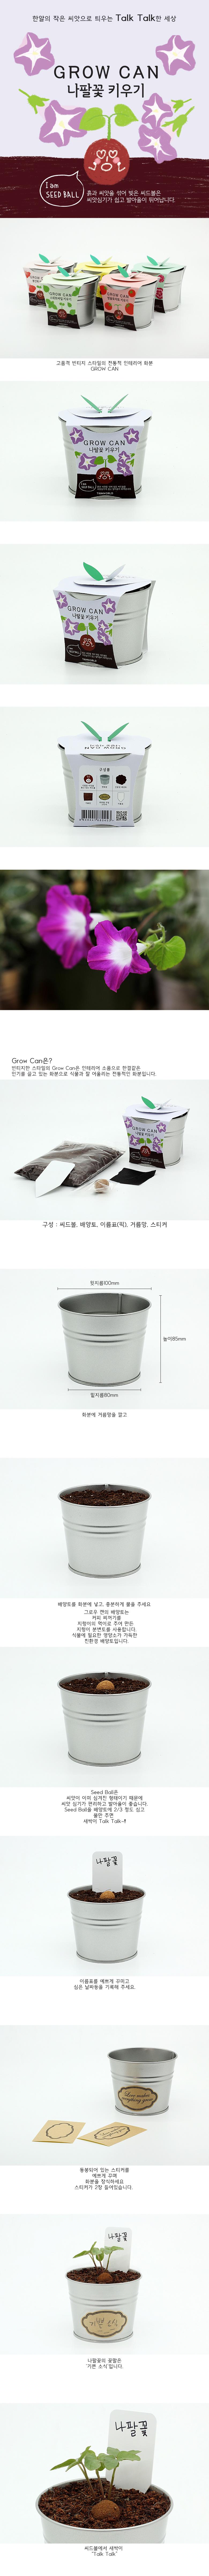 new그로우캔_나팔꽃 - 틔움세상, 6,000원, 새싹/모종키우기, 새싹 키우기